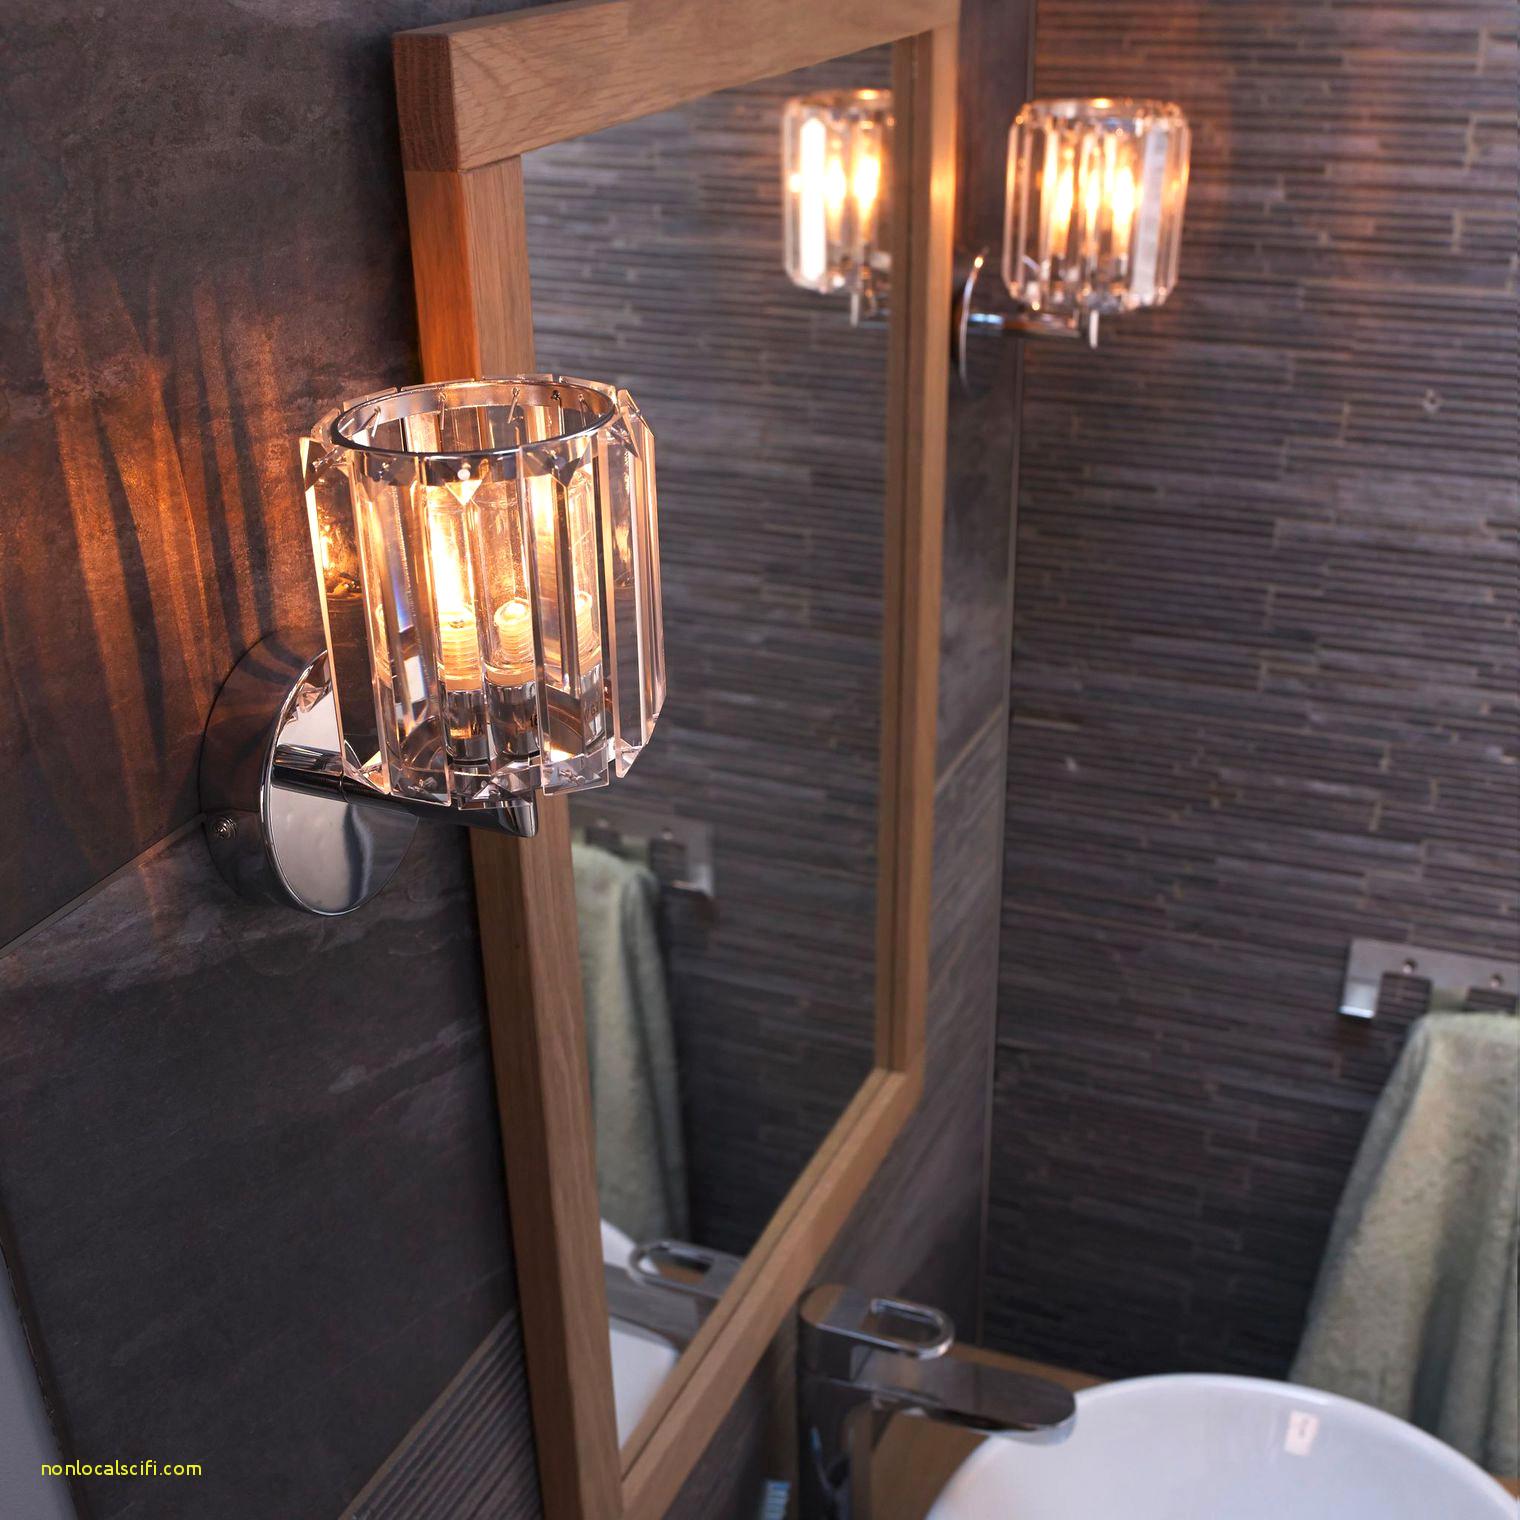 Applique Salle De Bain Avec Interrupteur Ikea Nouveau Photos Résultat Supérieur 98 élégant Applique Miroir Salle De Bain Avec